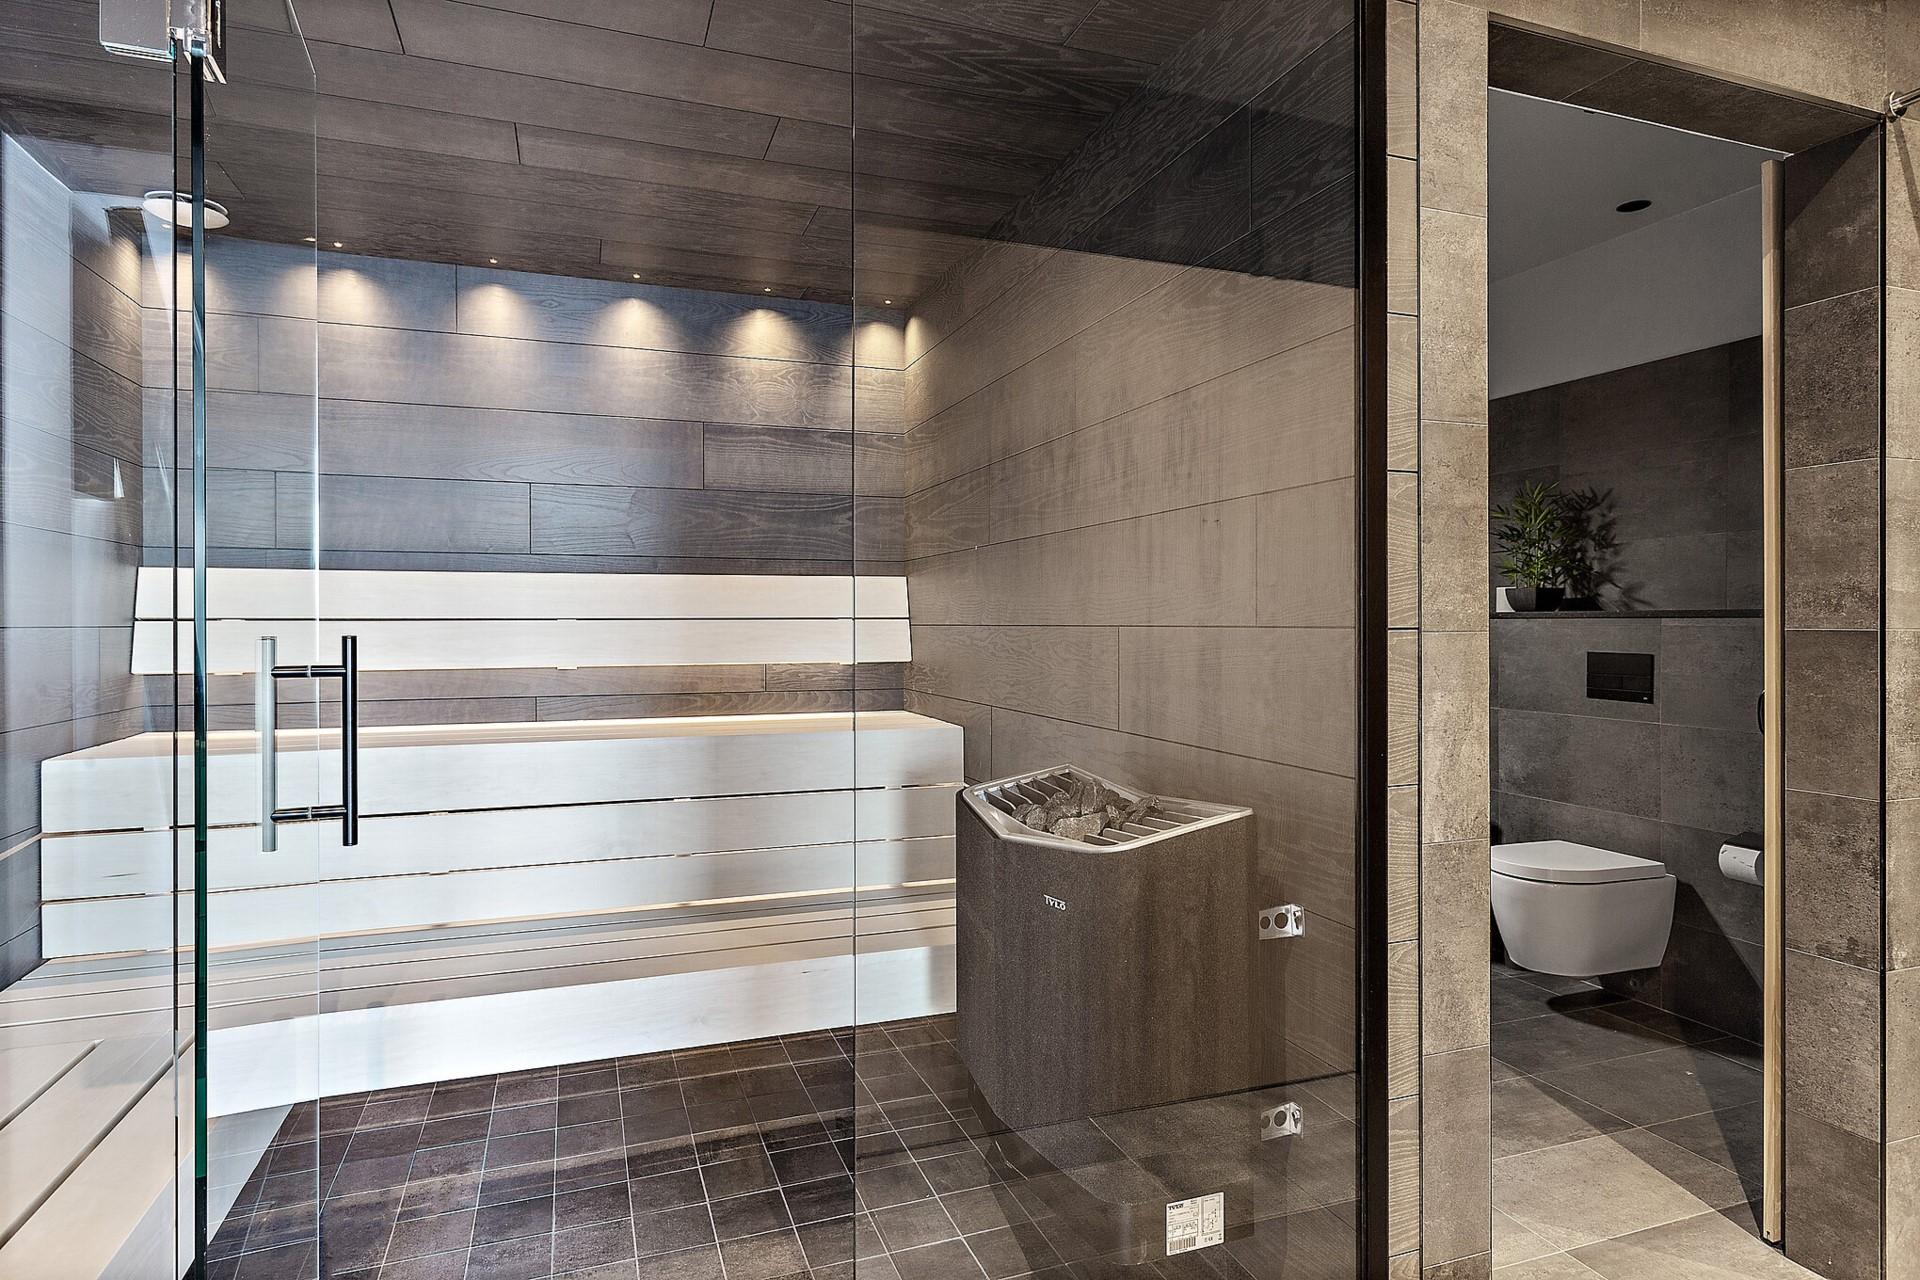 Ekfatsgatan 6 - Bastu, wc och dusch finns i föreningens lokal